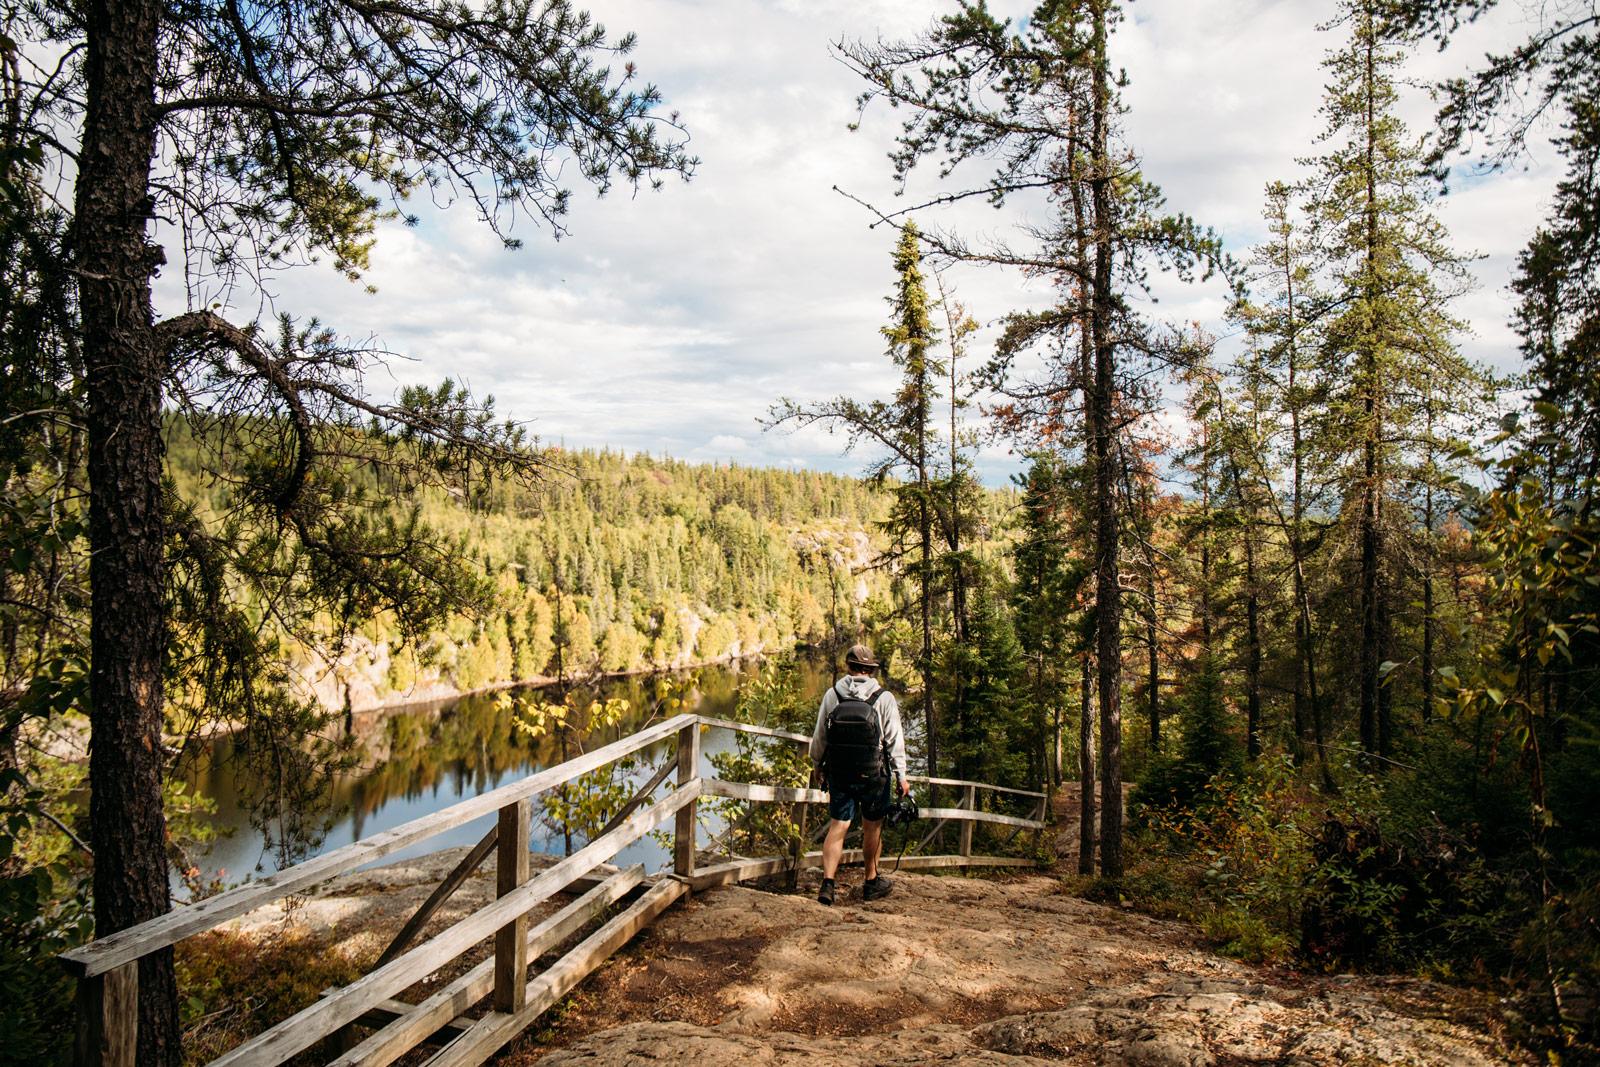 randonnée parc national Aiguebelle Abitibi-Témiscamingue